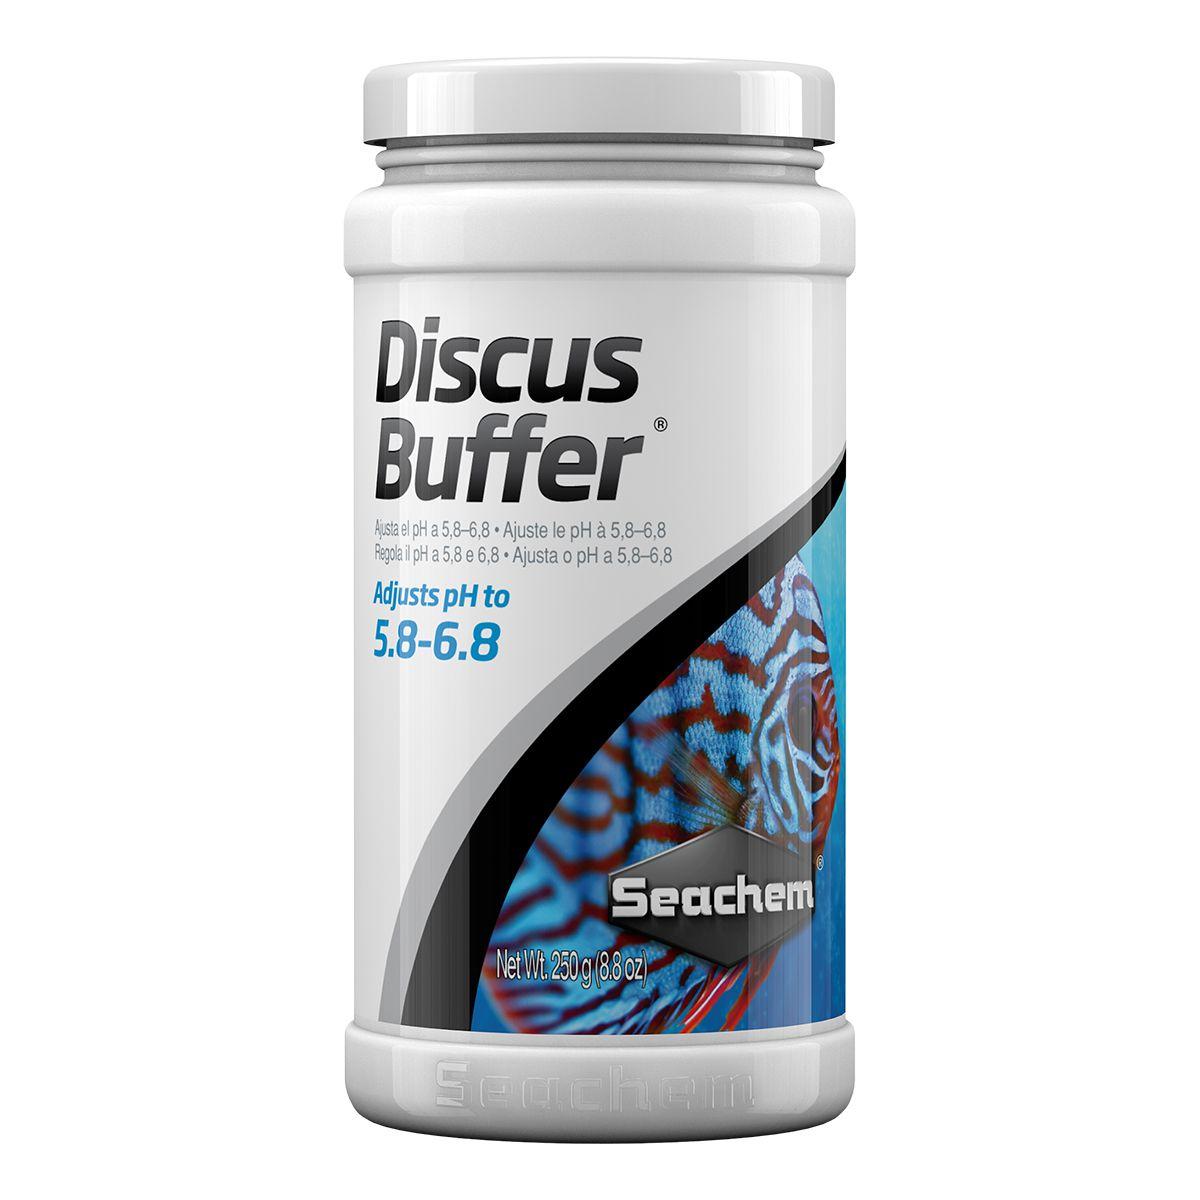 Acidificante para Discos Seachem Discus Buffer 250g